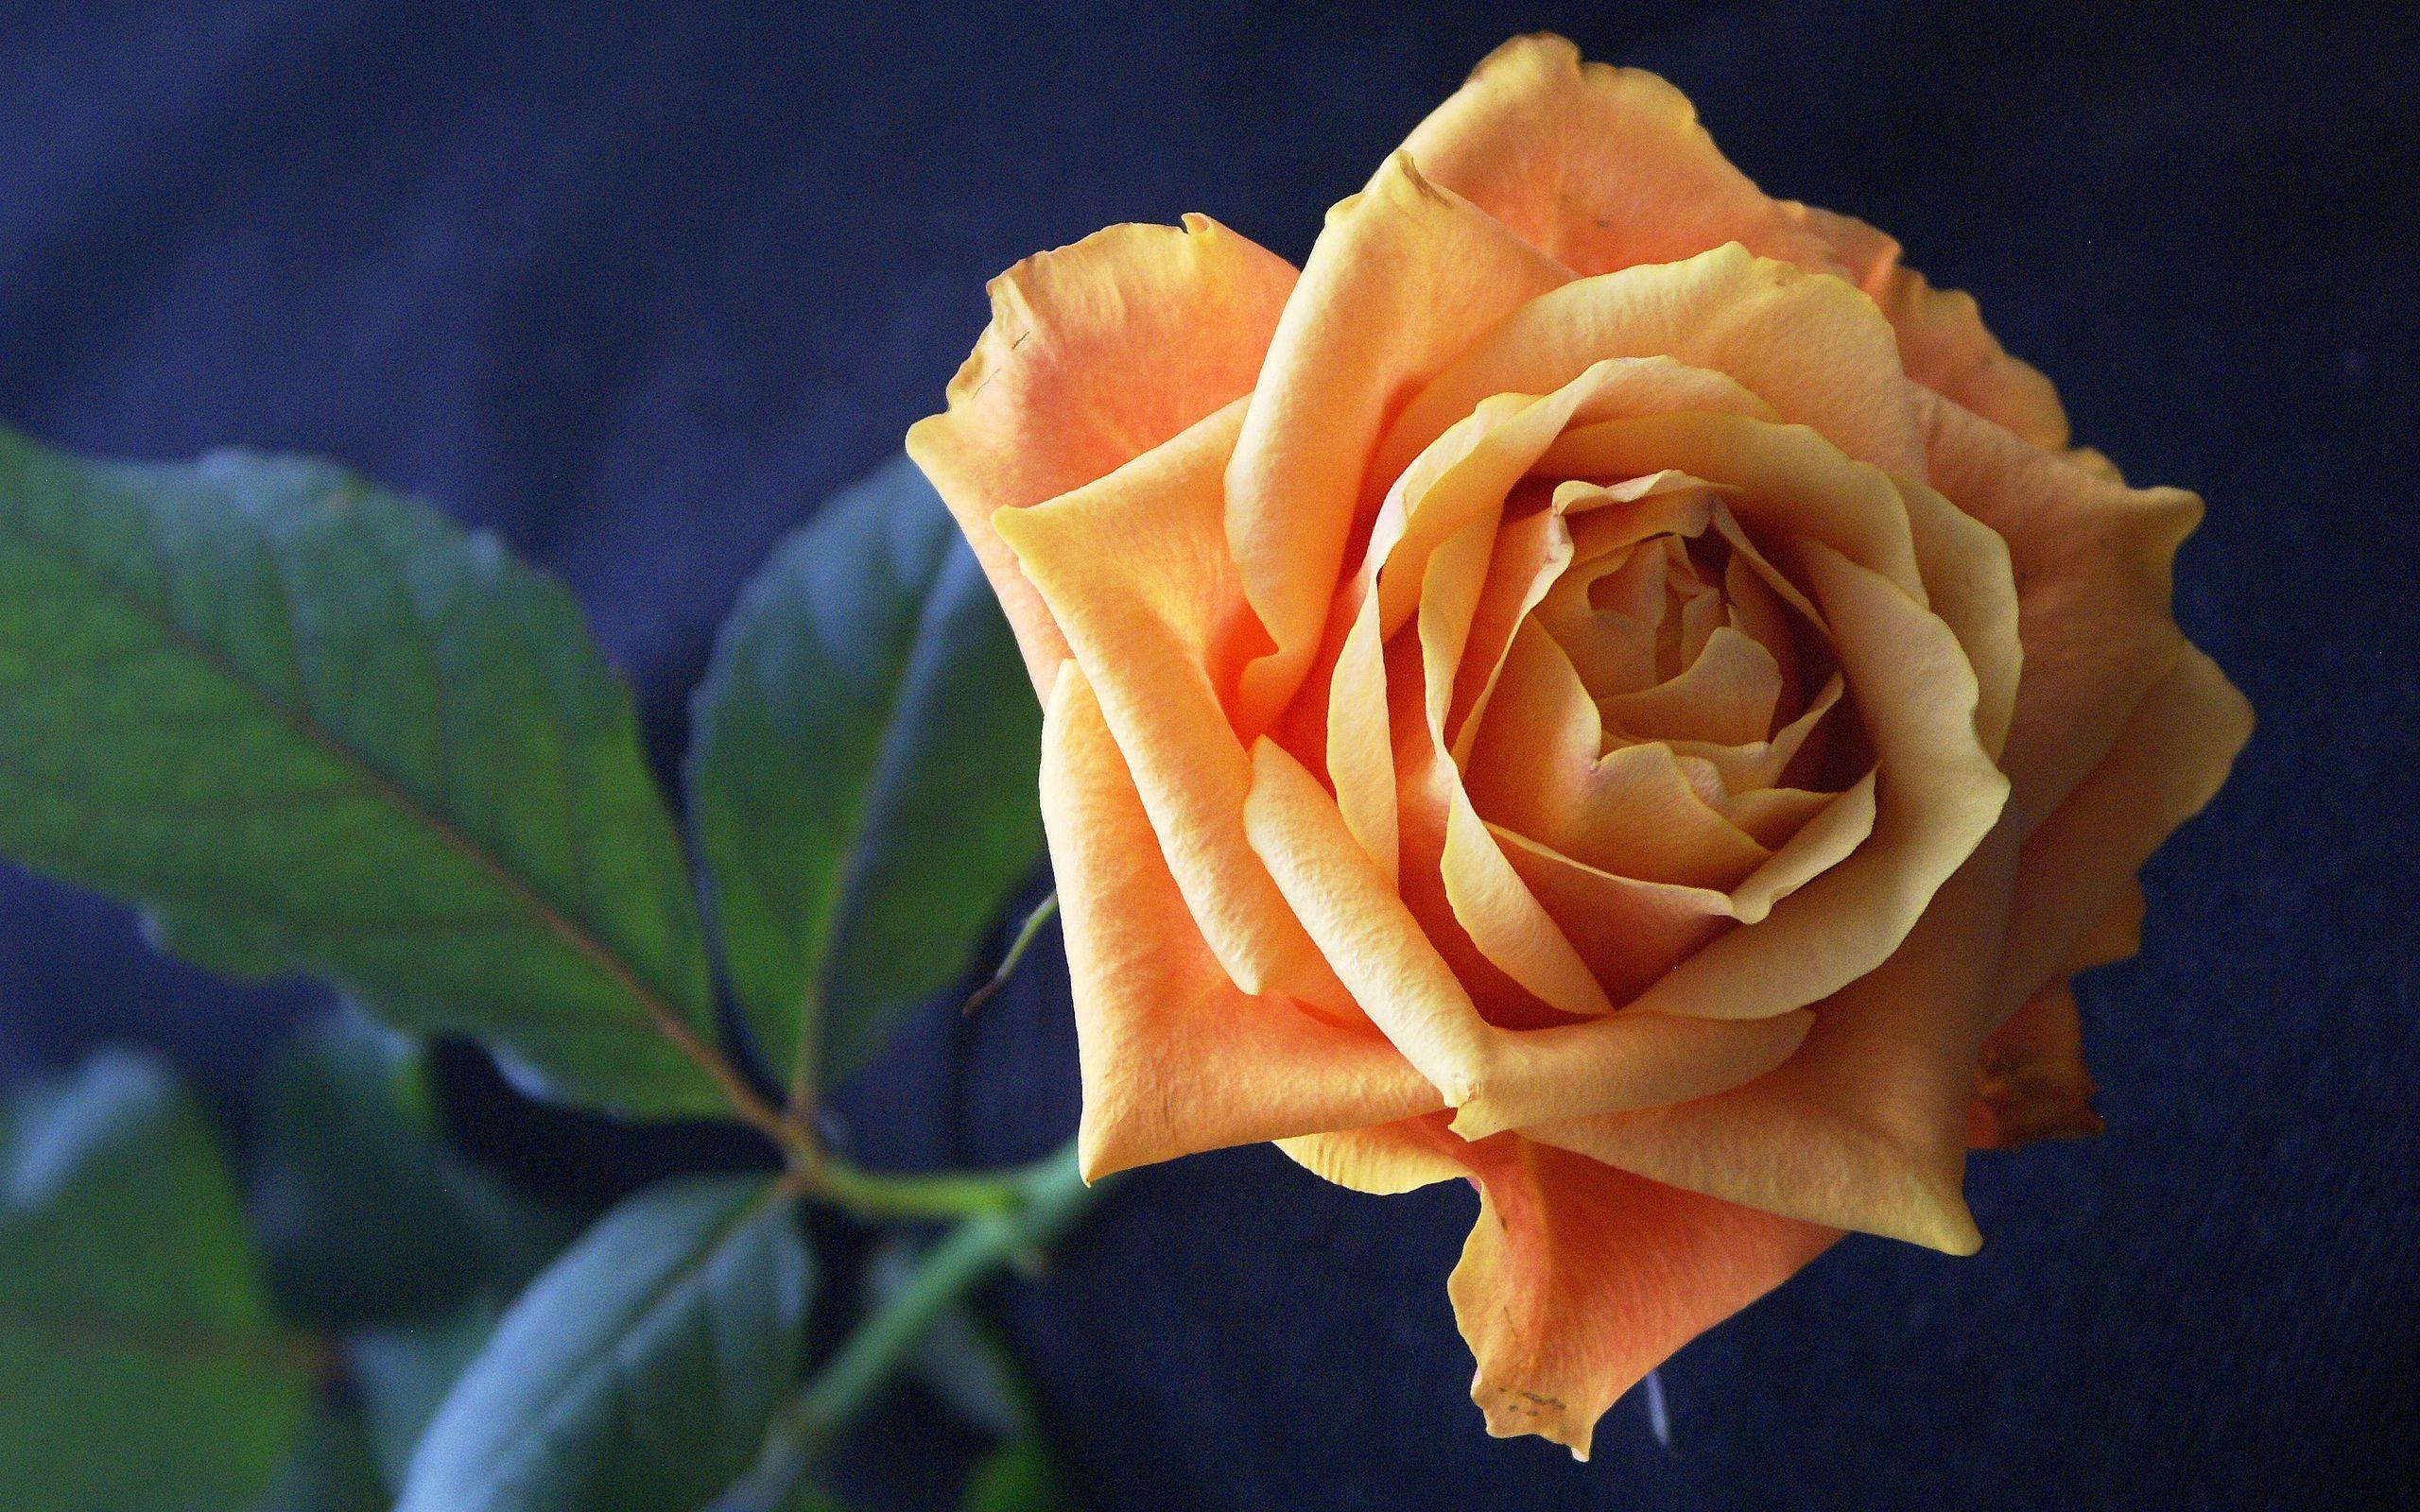 красивая картинка цветов чайная роза атмосферу, которой нанесение